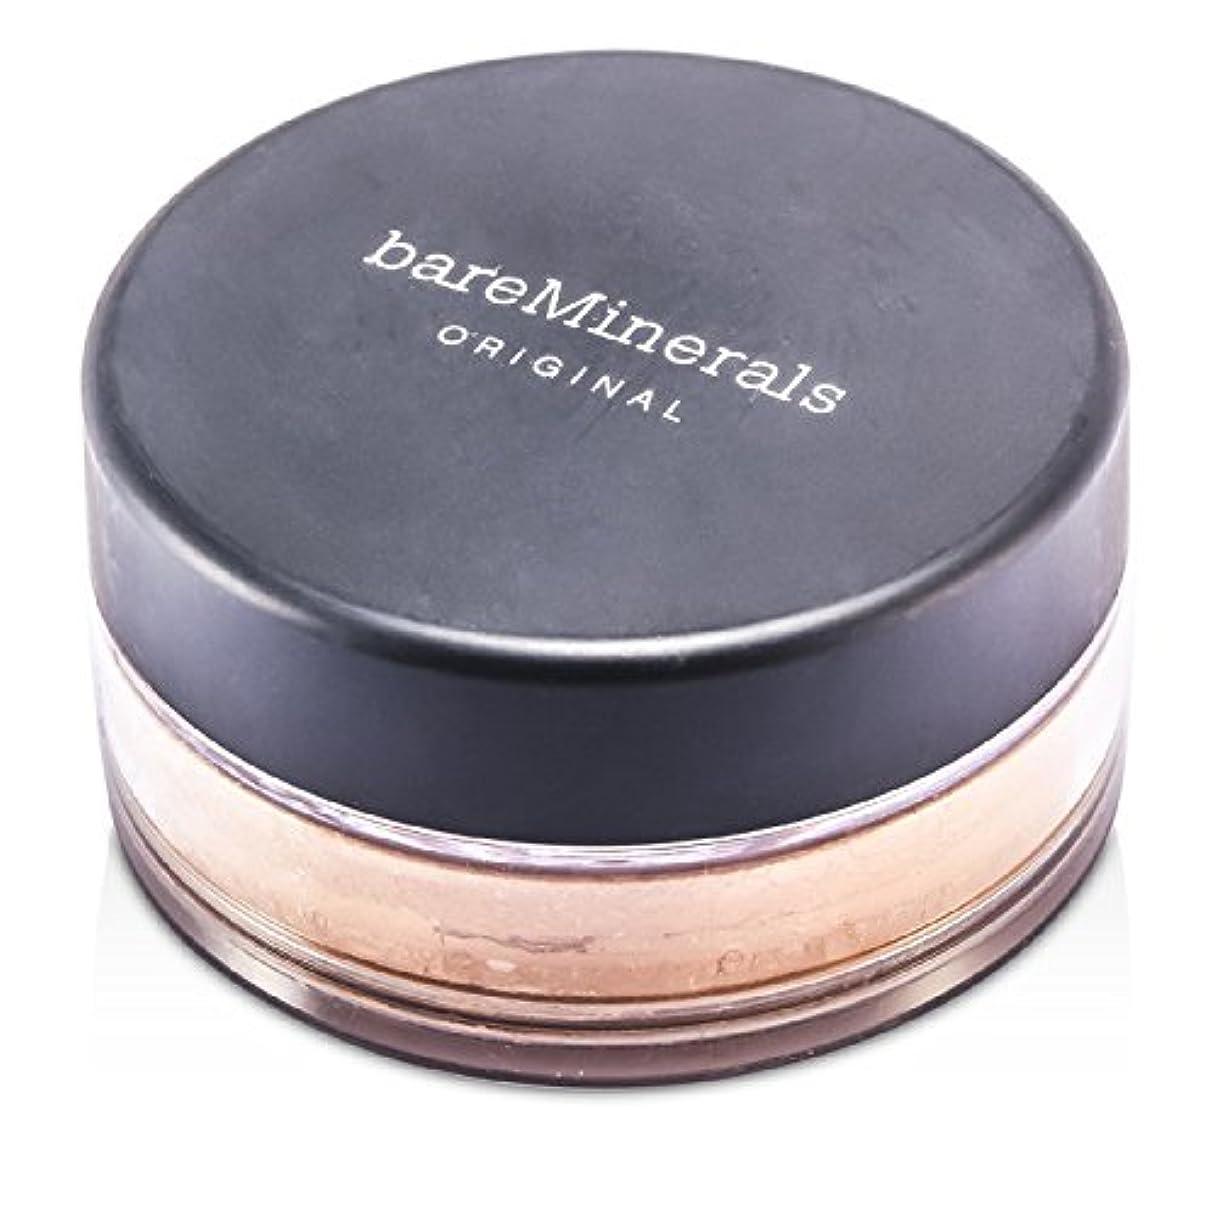 真実実行可能対応BareMinerals ベアミネラルオリジナル SPF 15 ファンデーション - # Golden Tan ( W30 ) 8g/0.28oz並行輸入品